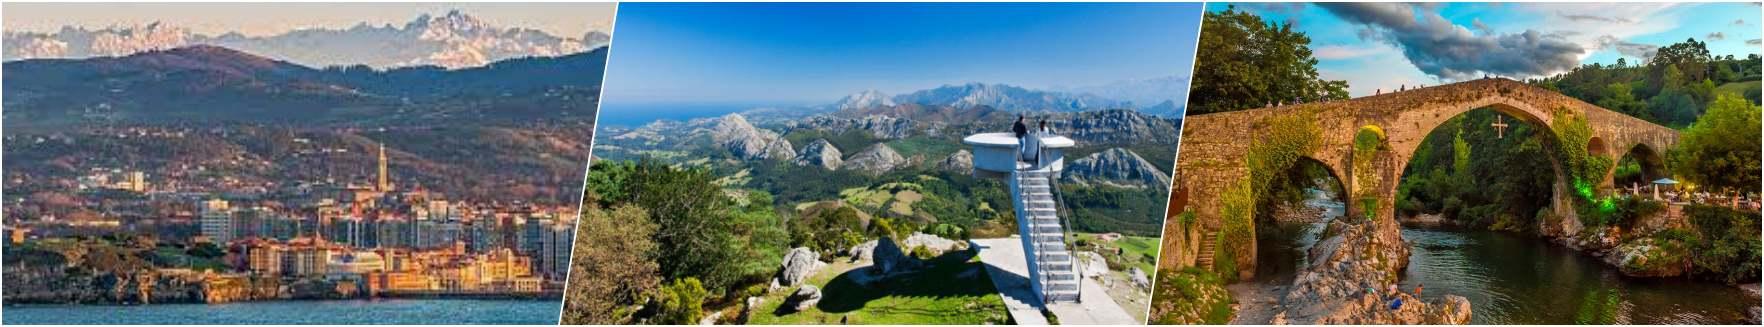 Gijon - Picos de Europa - Cangas de onis